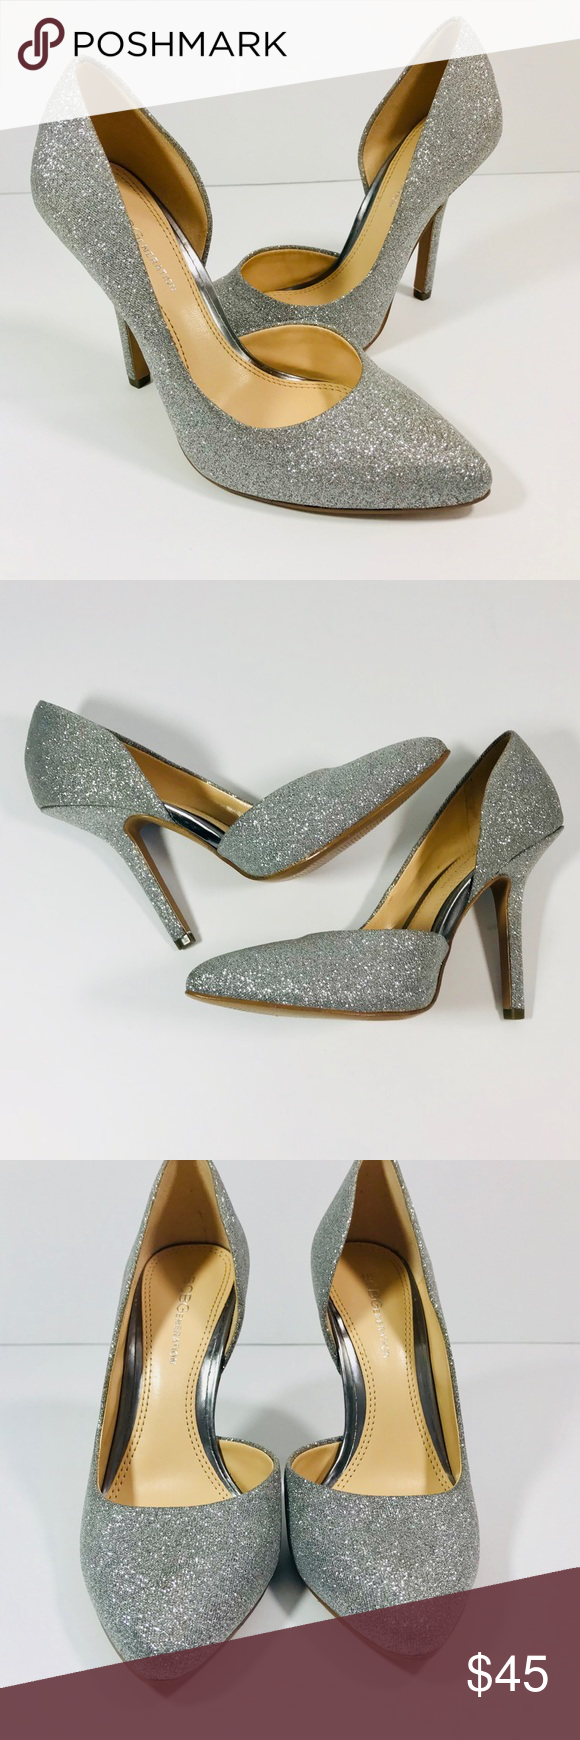 23198852b0e6 BCBG Silver Jaze Glitter Pump Formal Shoes BCBG Silver Glitter Pump Formal  Shoes 💯 original brand